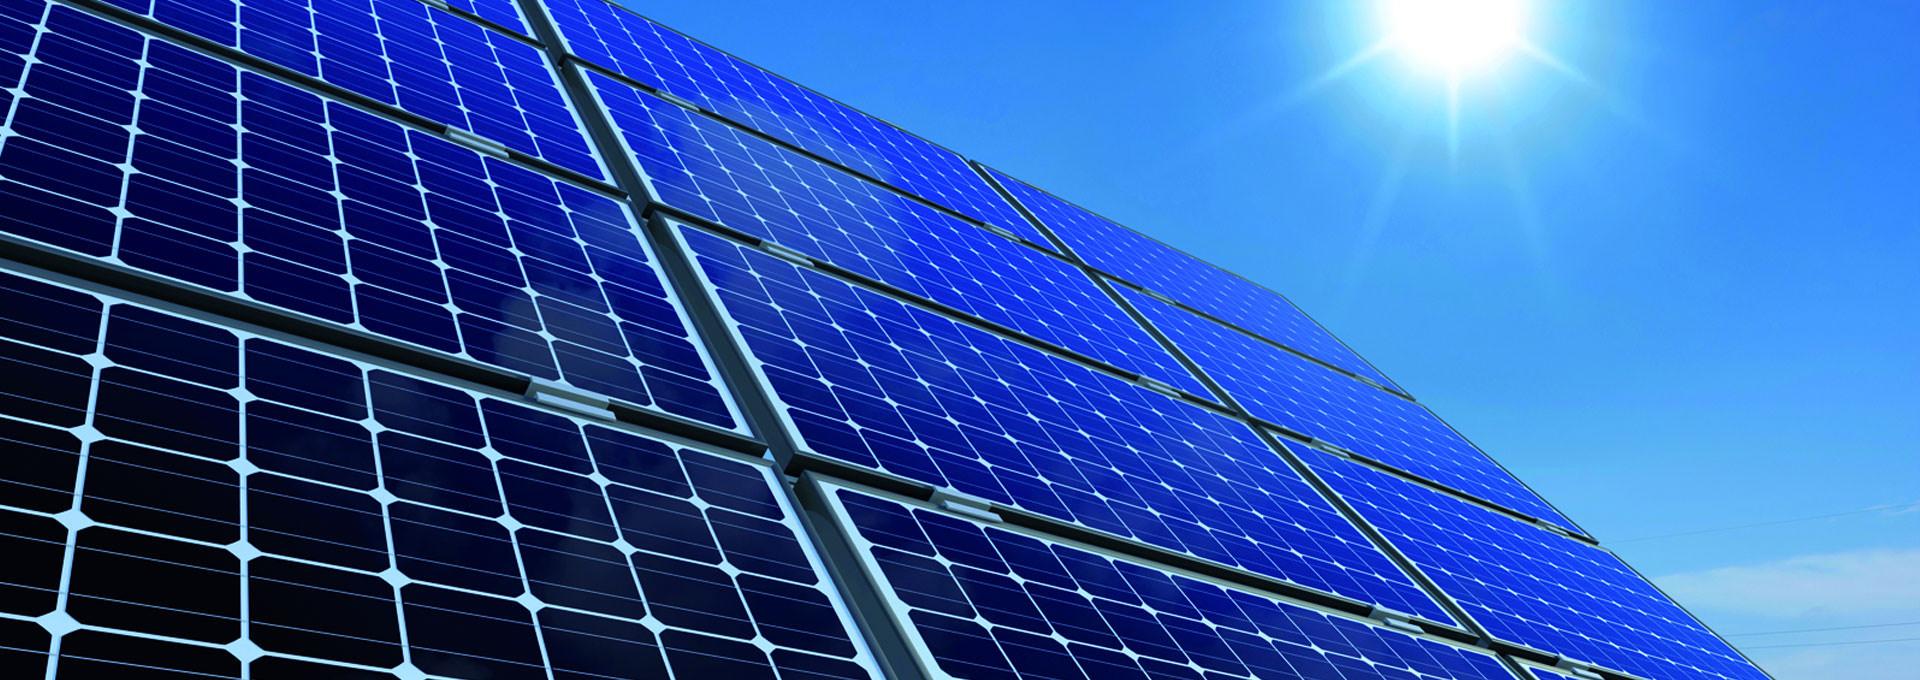 fotovoltaico-ravenna